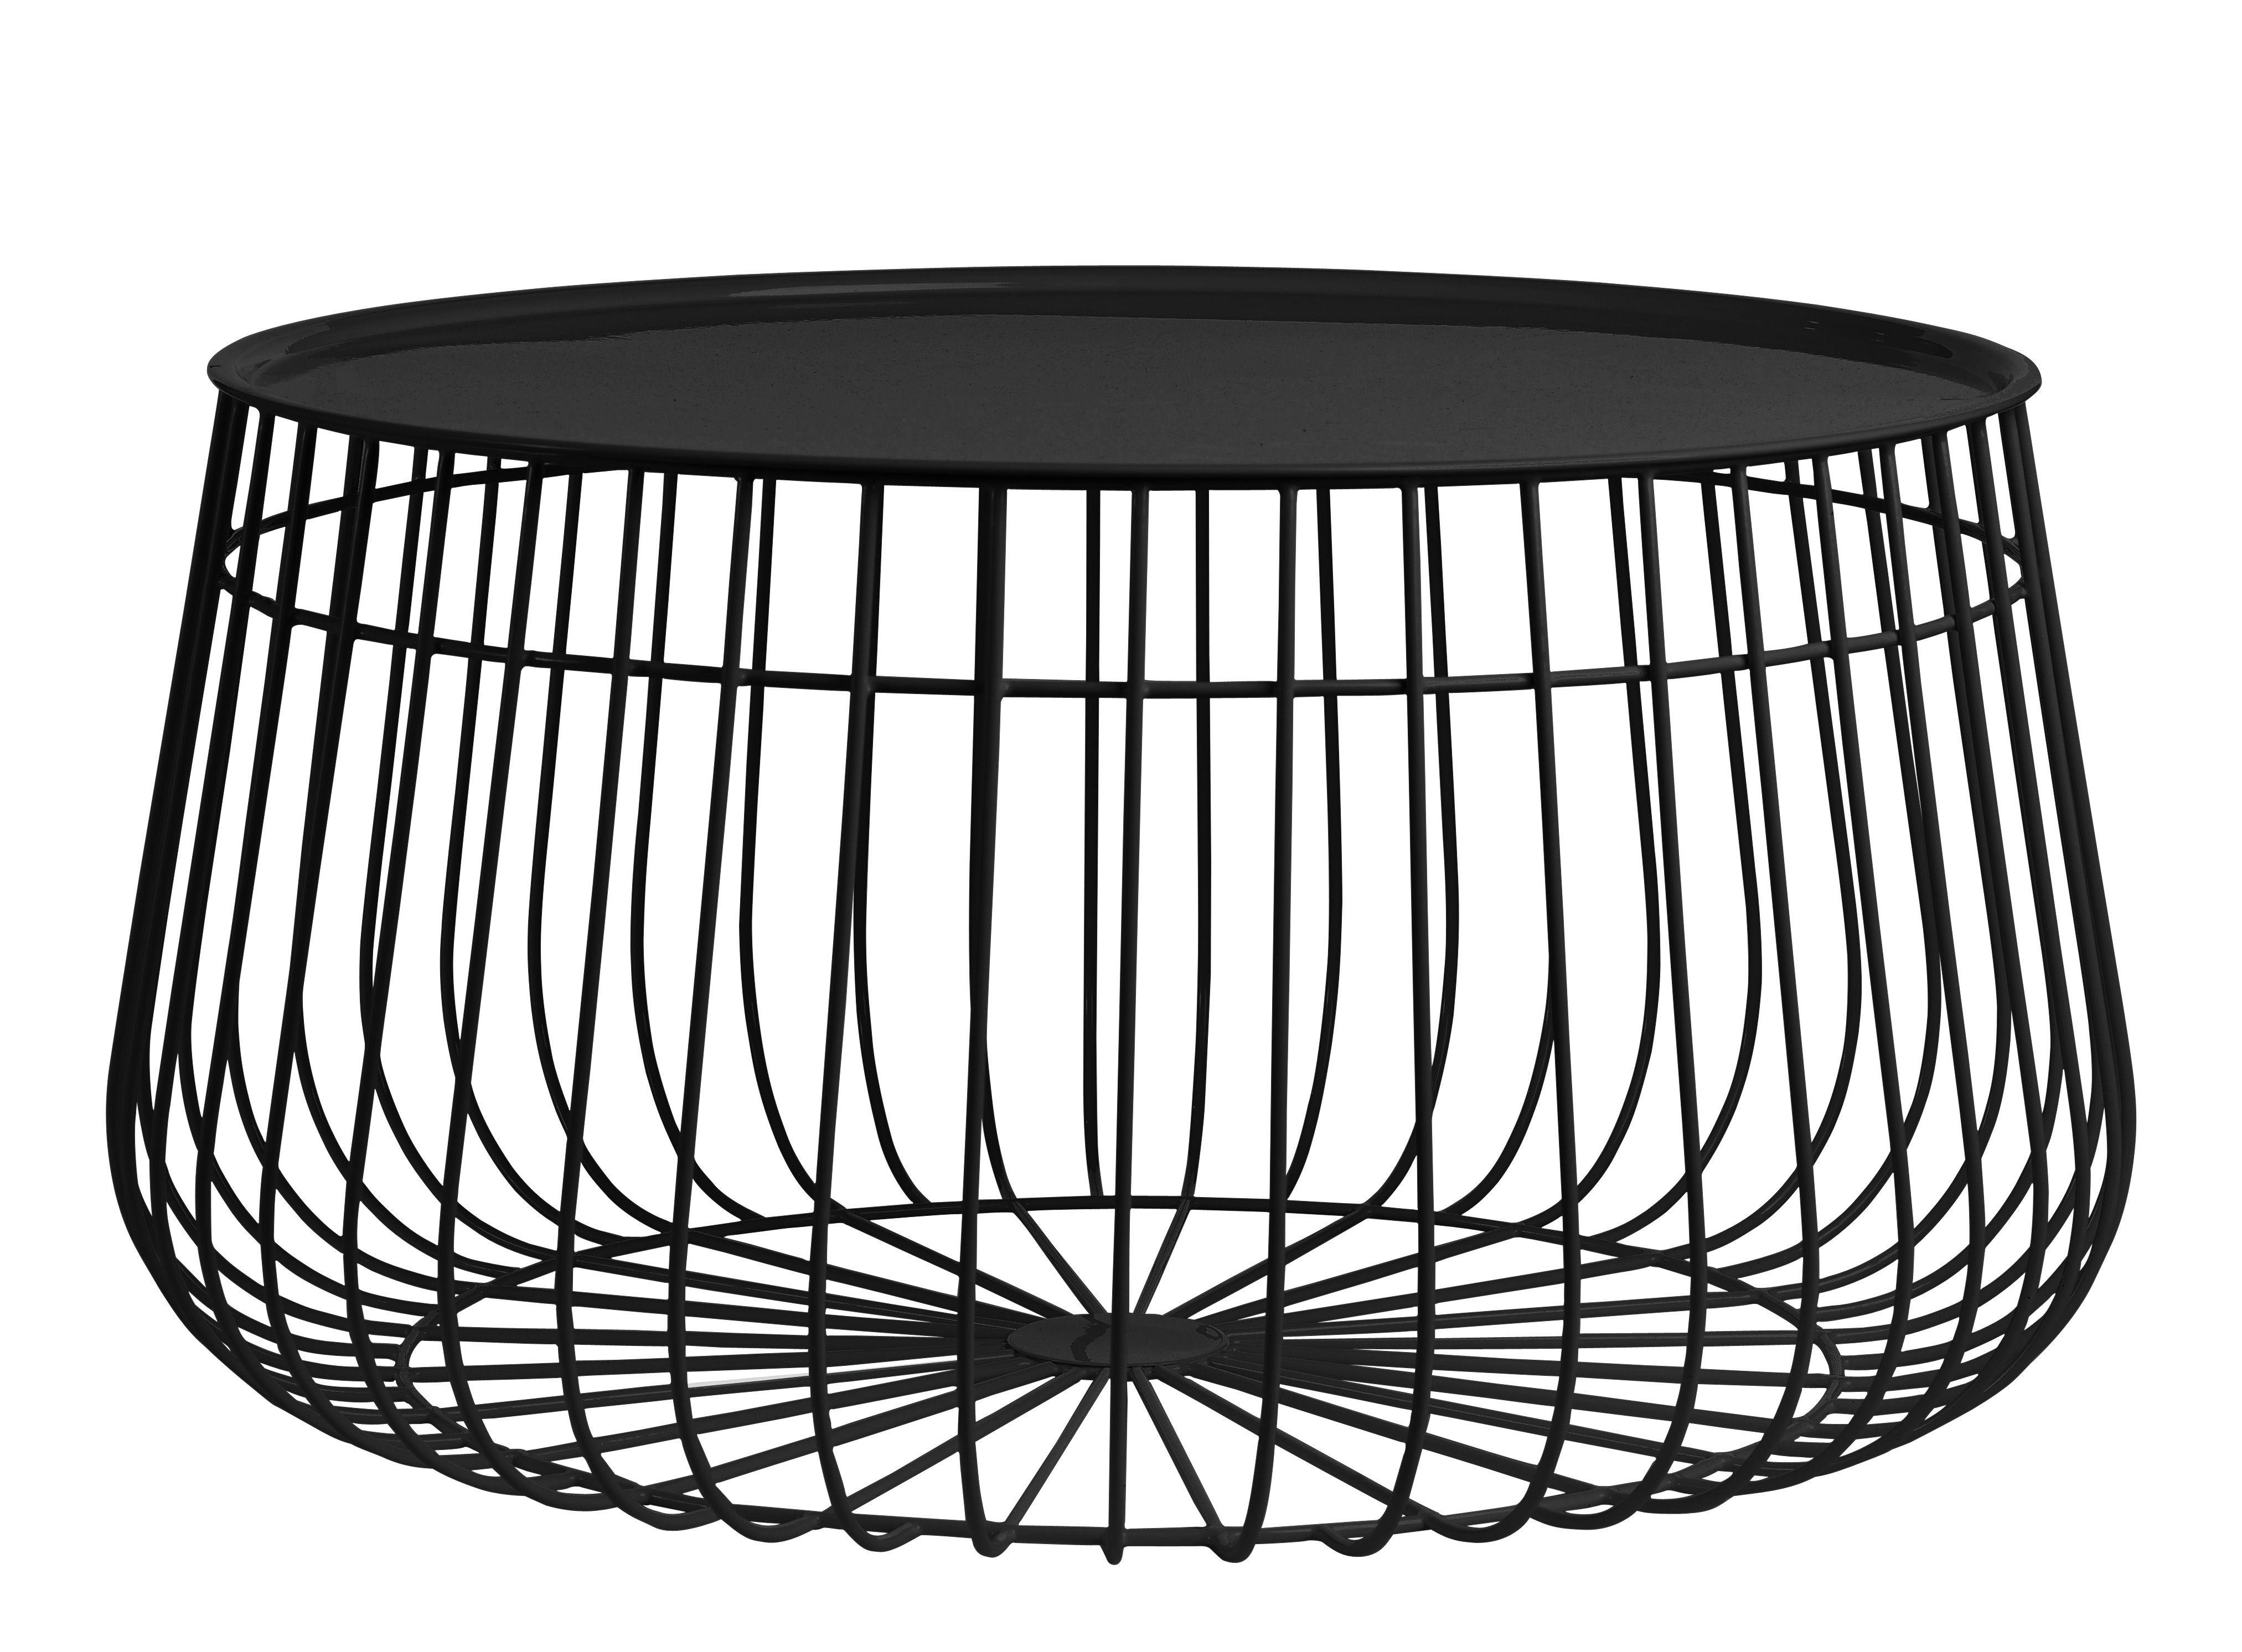 Arredamento - Tavolini  - Tavolino basso Wire / Piano rimovibile - Ø 62 x H 35 cm - Pols Potten - Noir - Ferro, Fil de fer